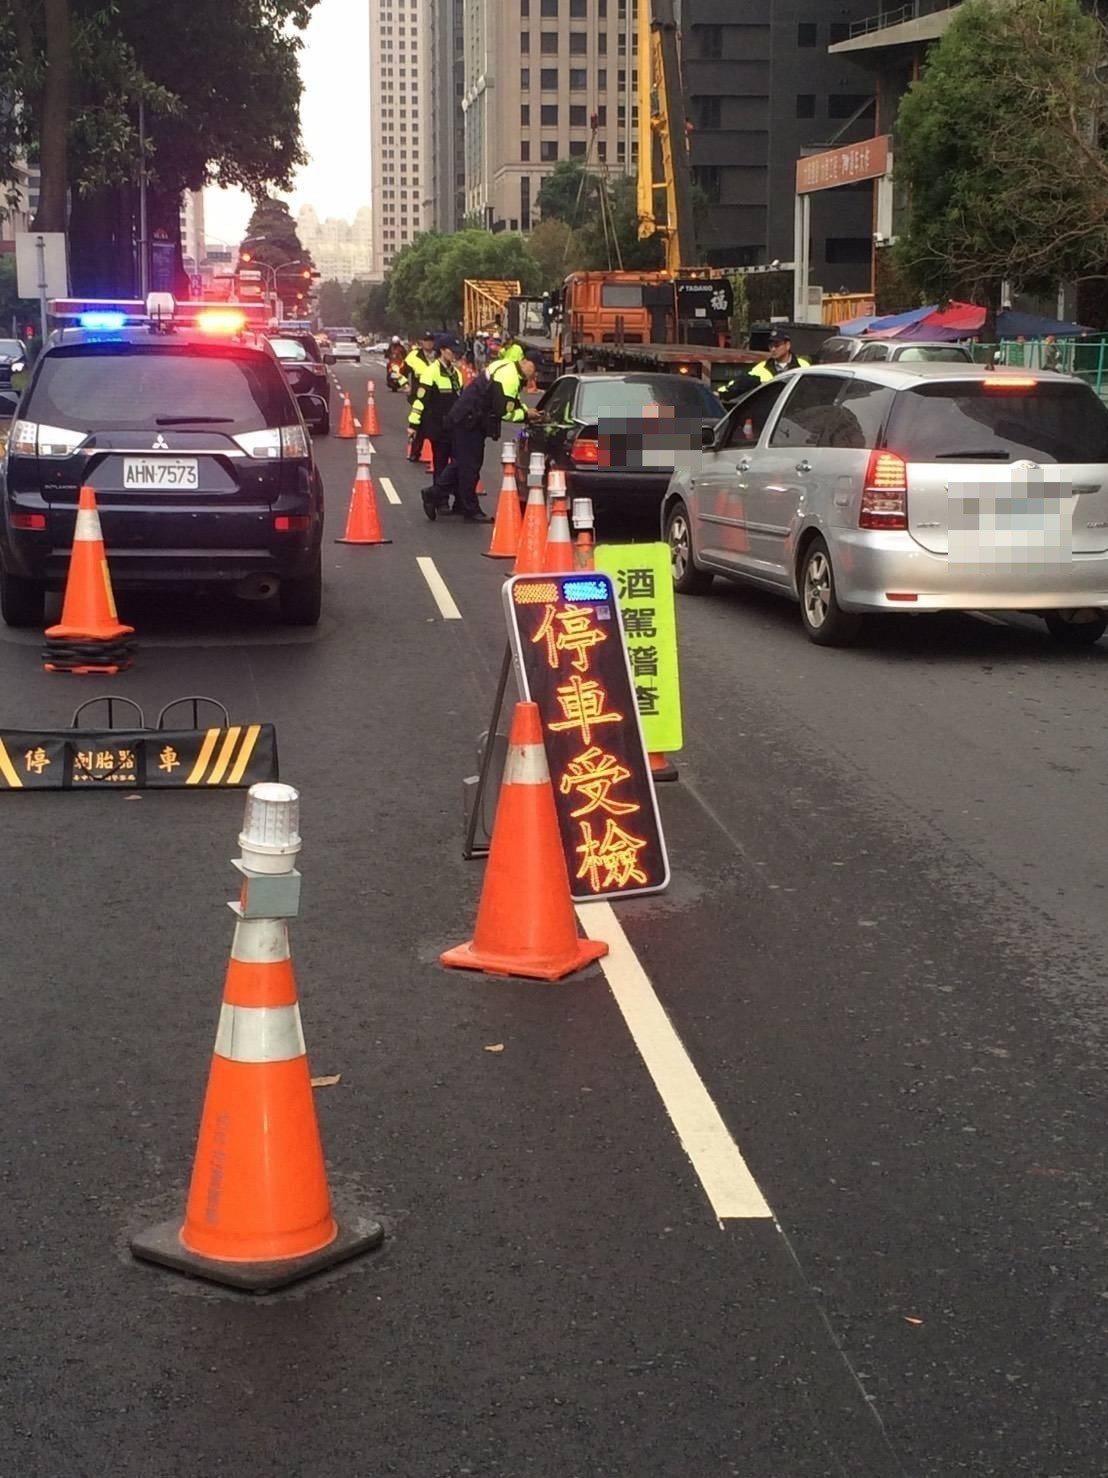 台中市邢姓工人今天上午酒駕騎車,被巡邏警員查獲,依公共危險送辦。 示意圖/本報資...